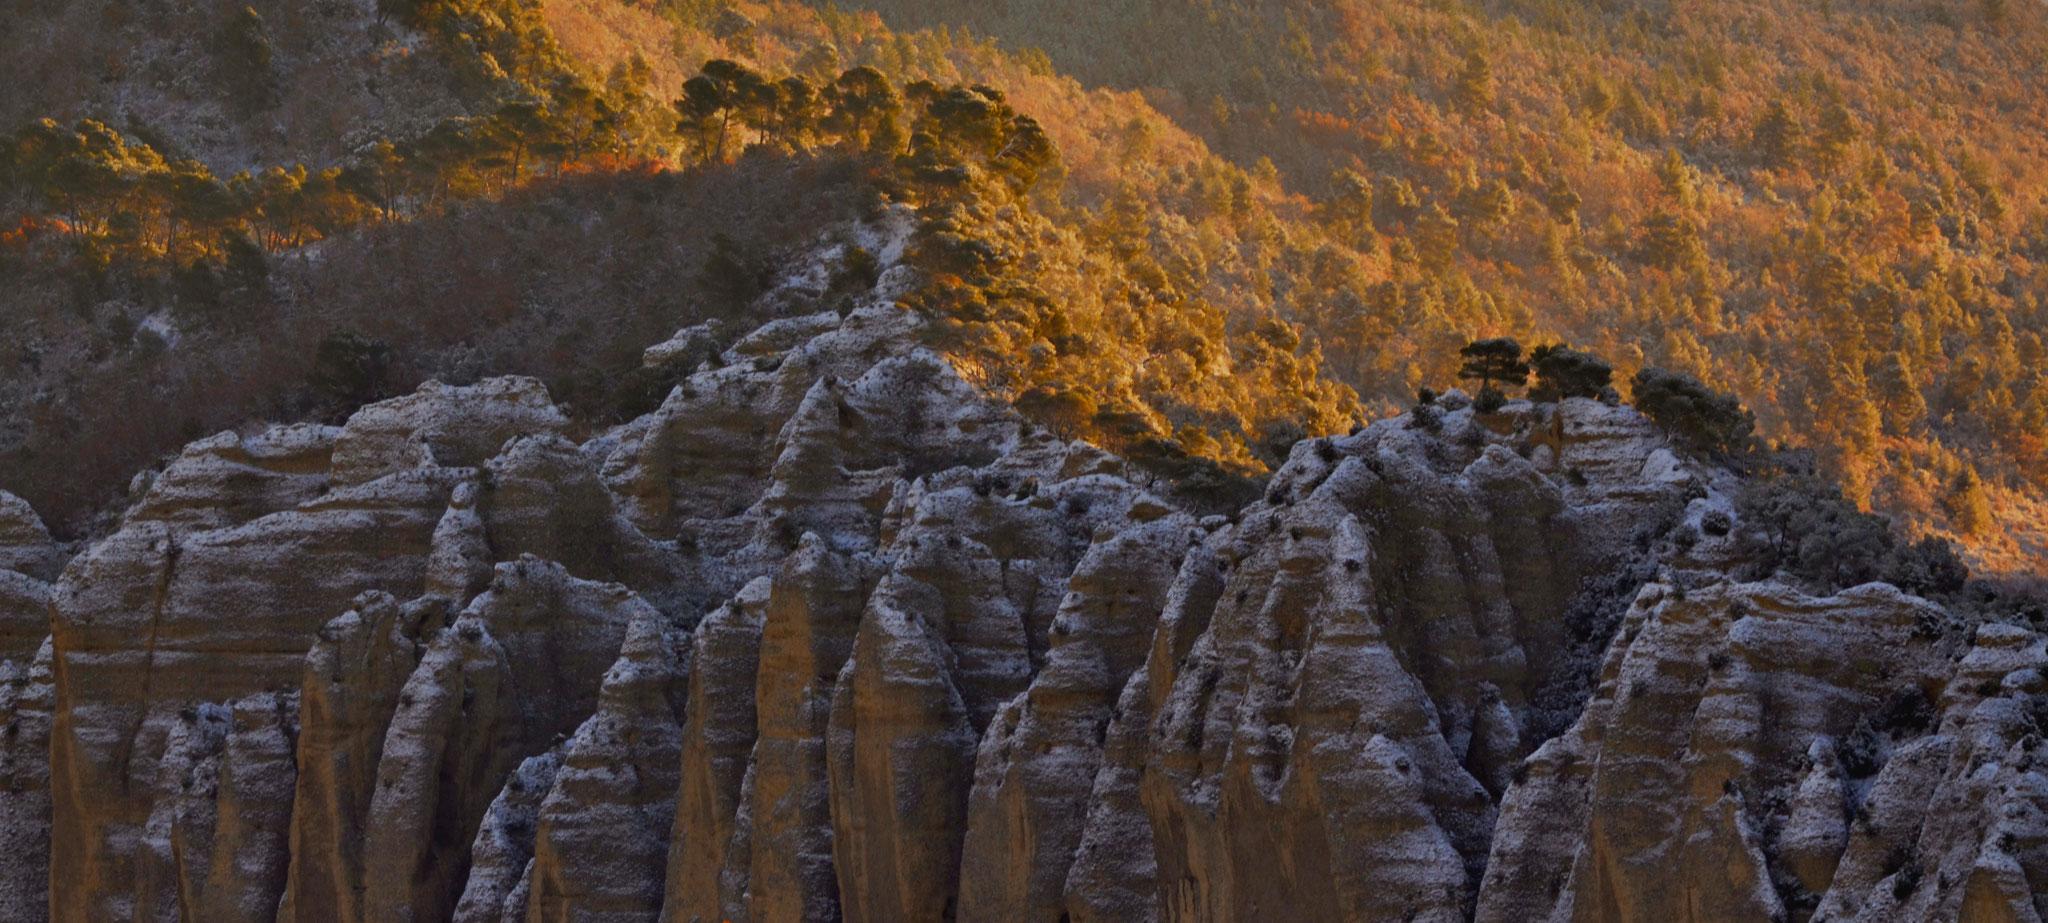 Décembre 2012 ~ Les Pénitents enneigés